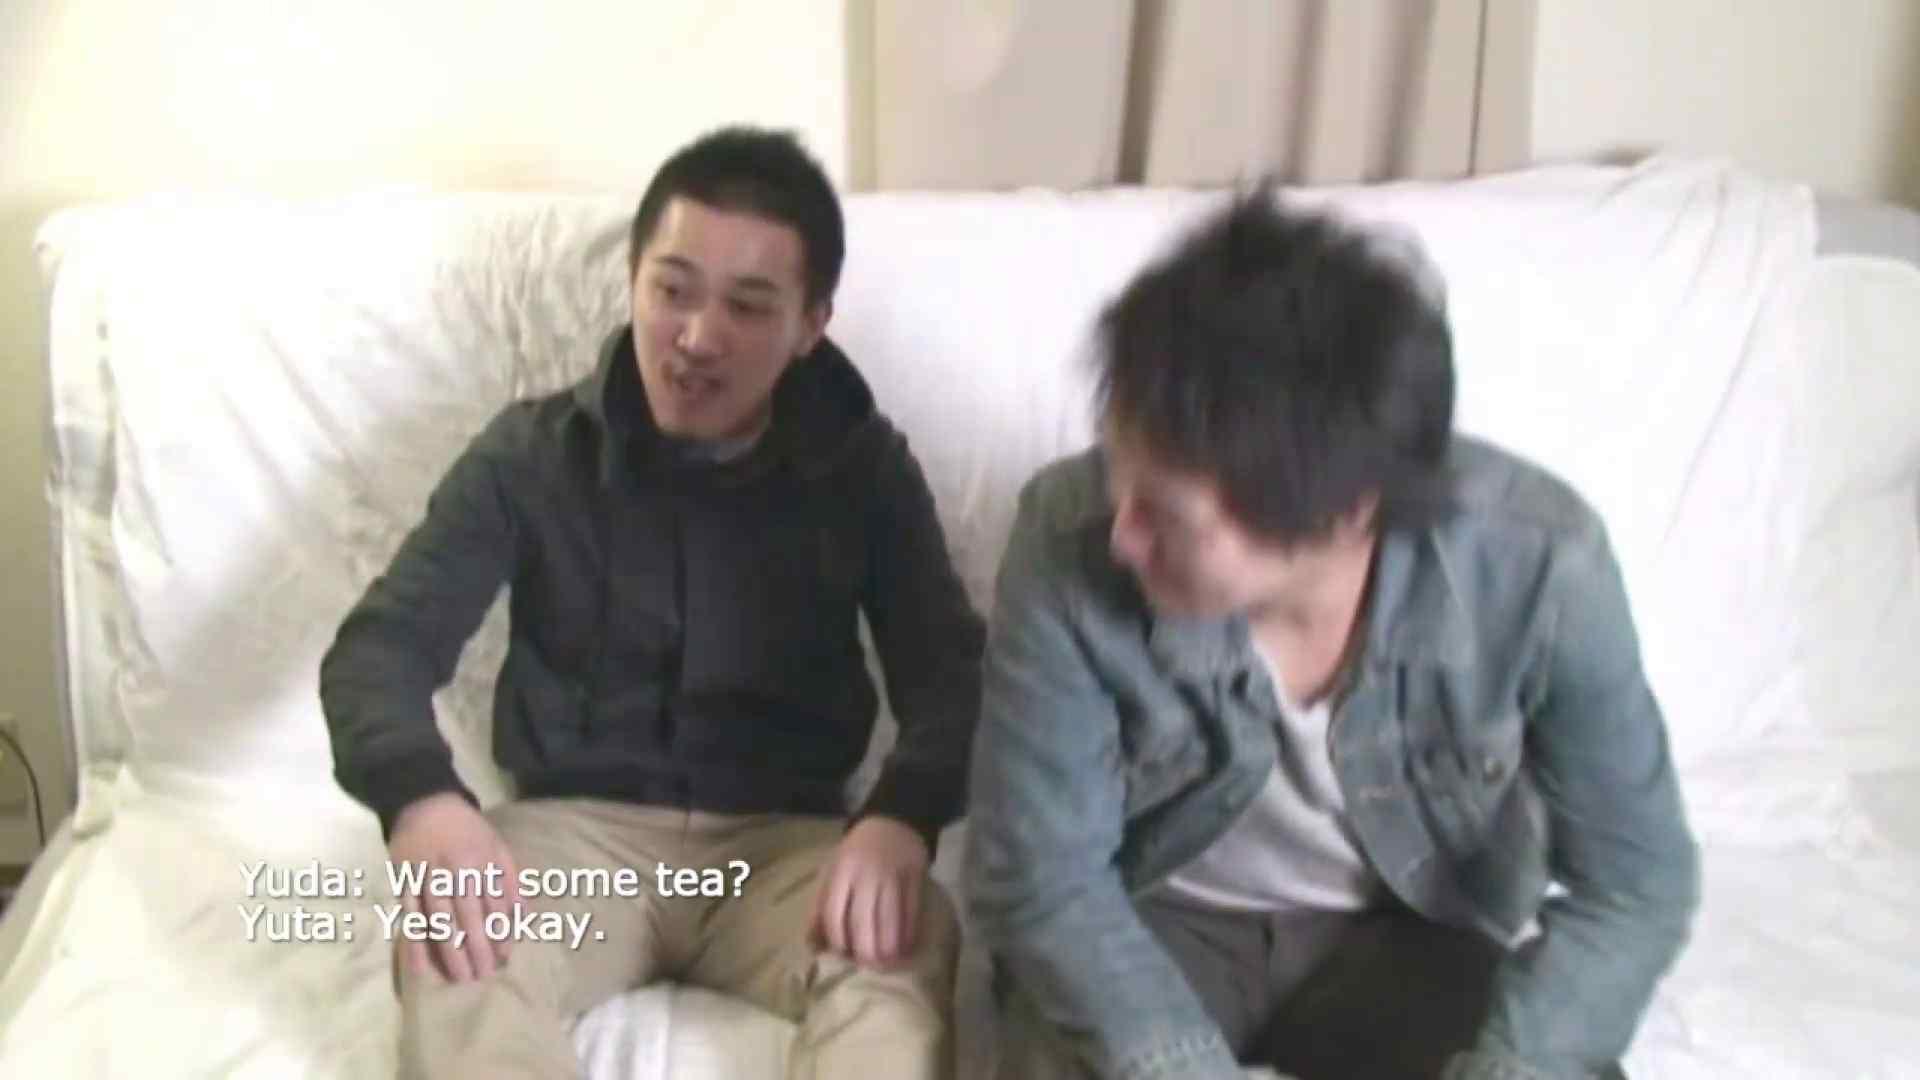 兄弟のように愛し合う Vol.01 エロ動画 | オナニー ゲイセックス画像 77枚 22